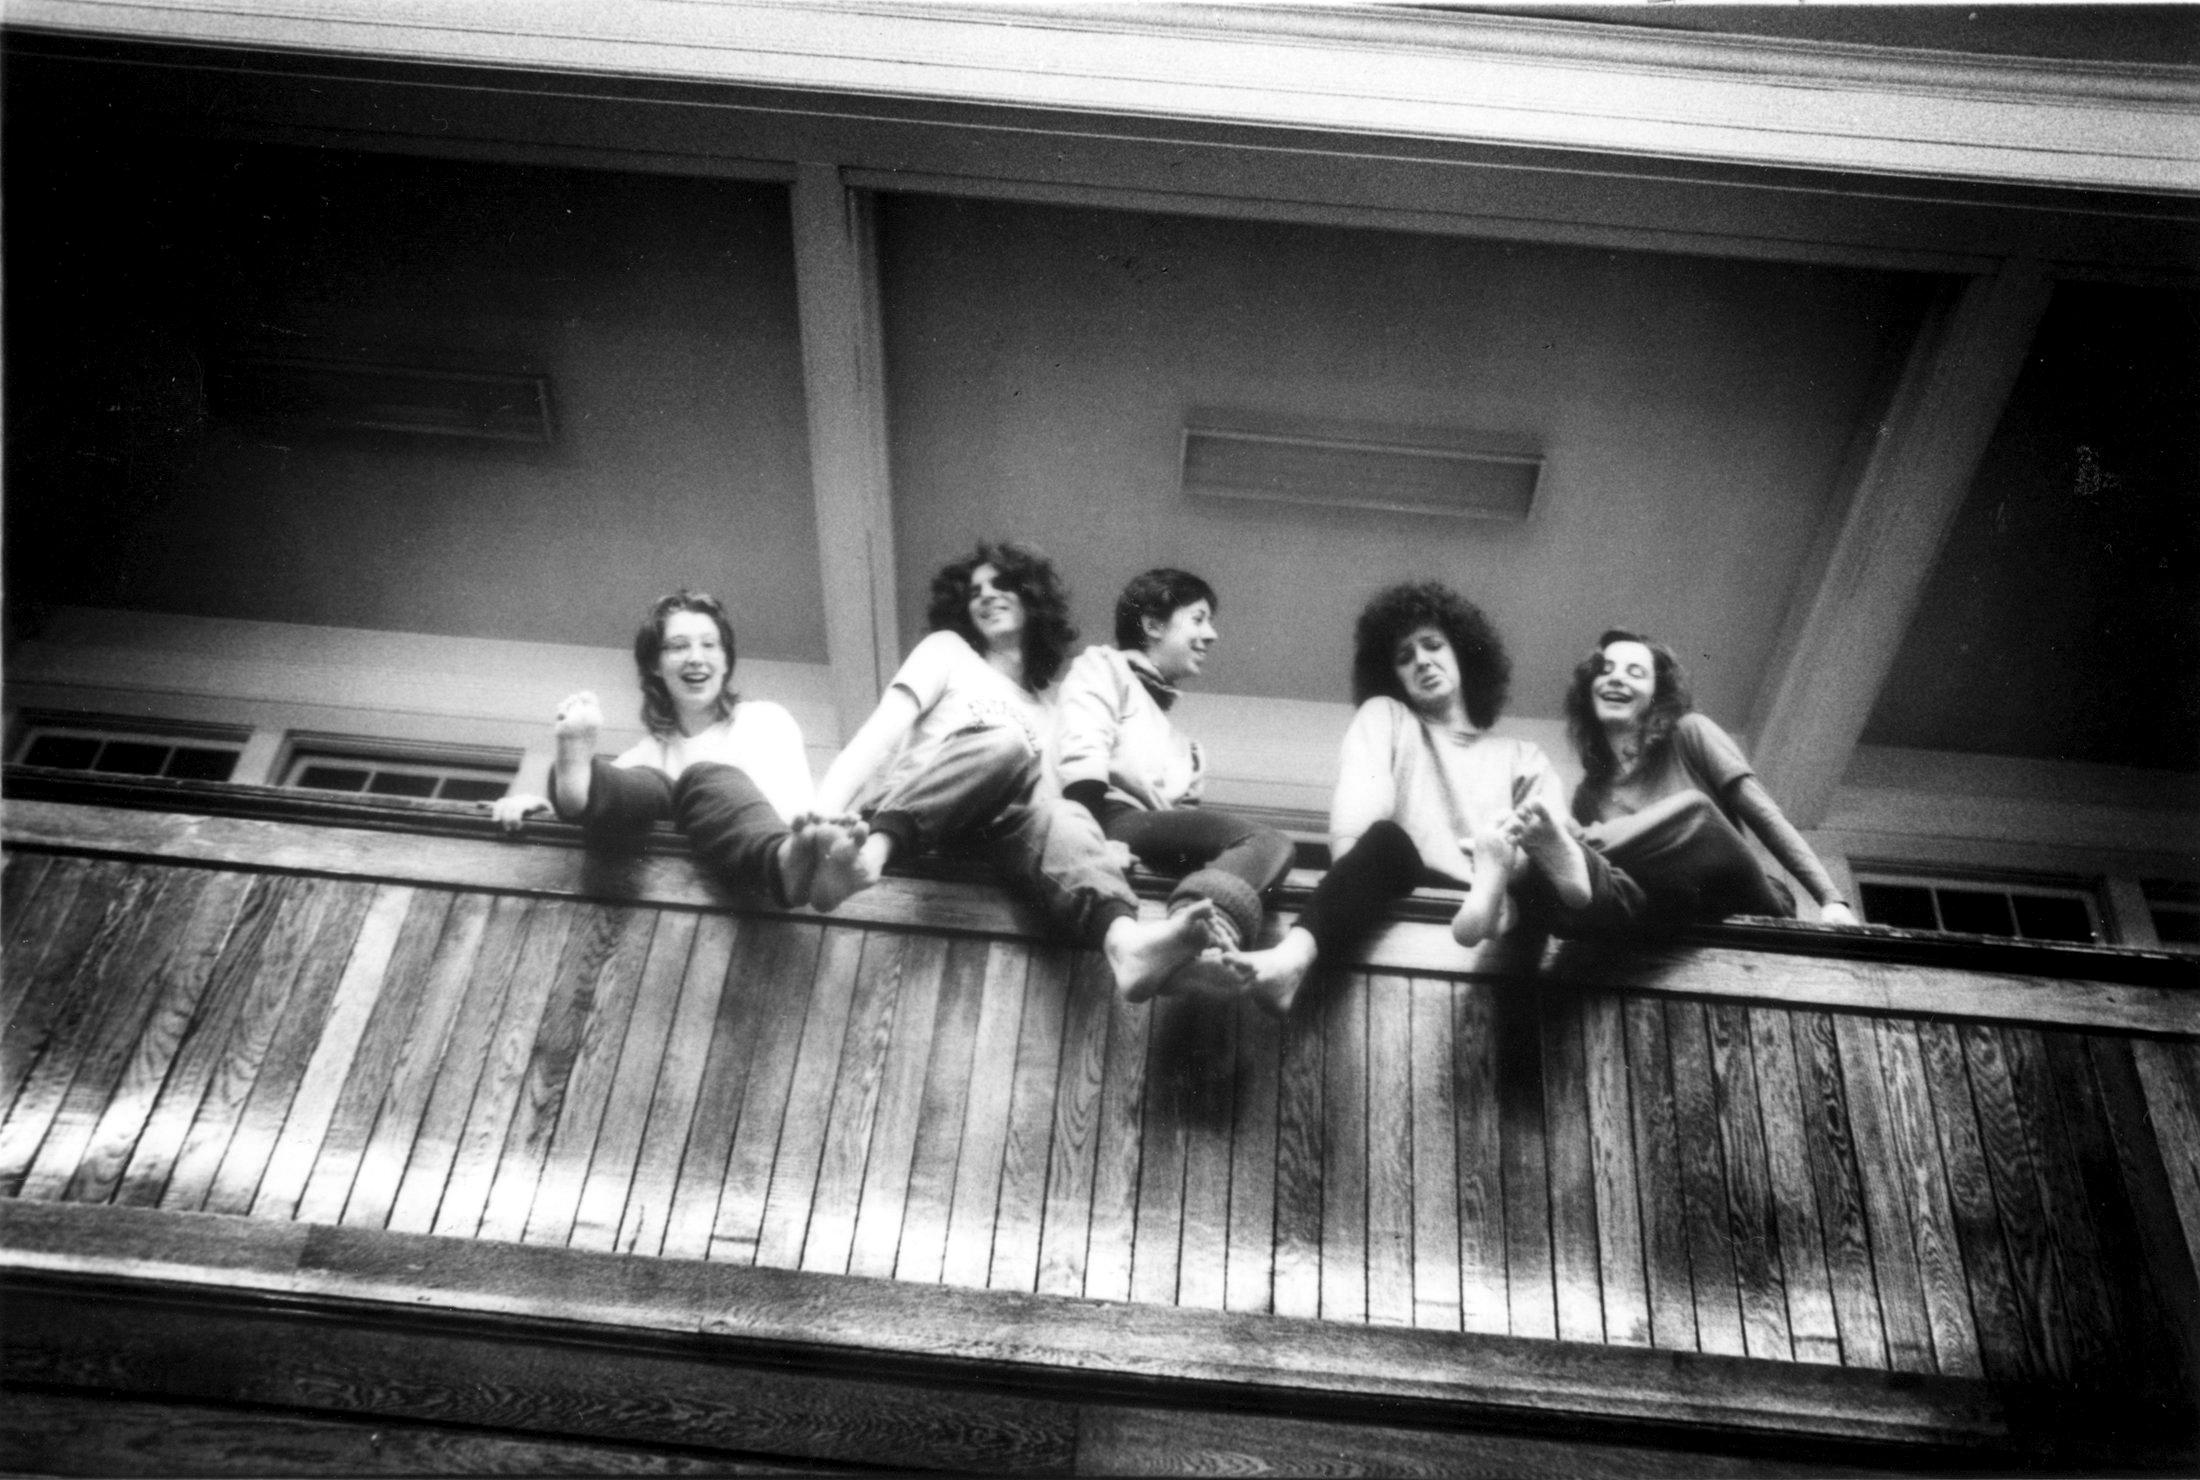 Lois Brown, Bennie Malone, Cathy Ferri, Peggy Hogan, & Mandy Jones in 1981